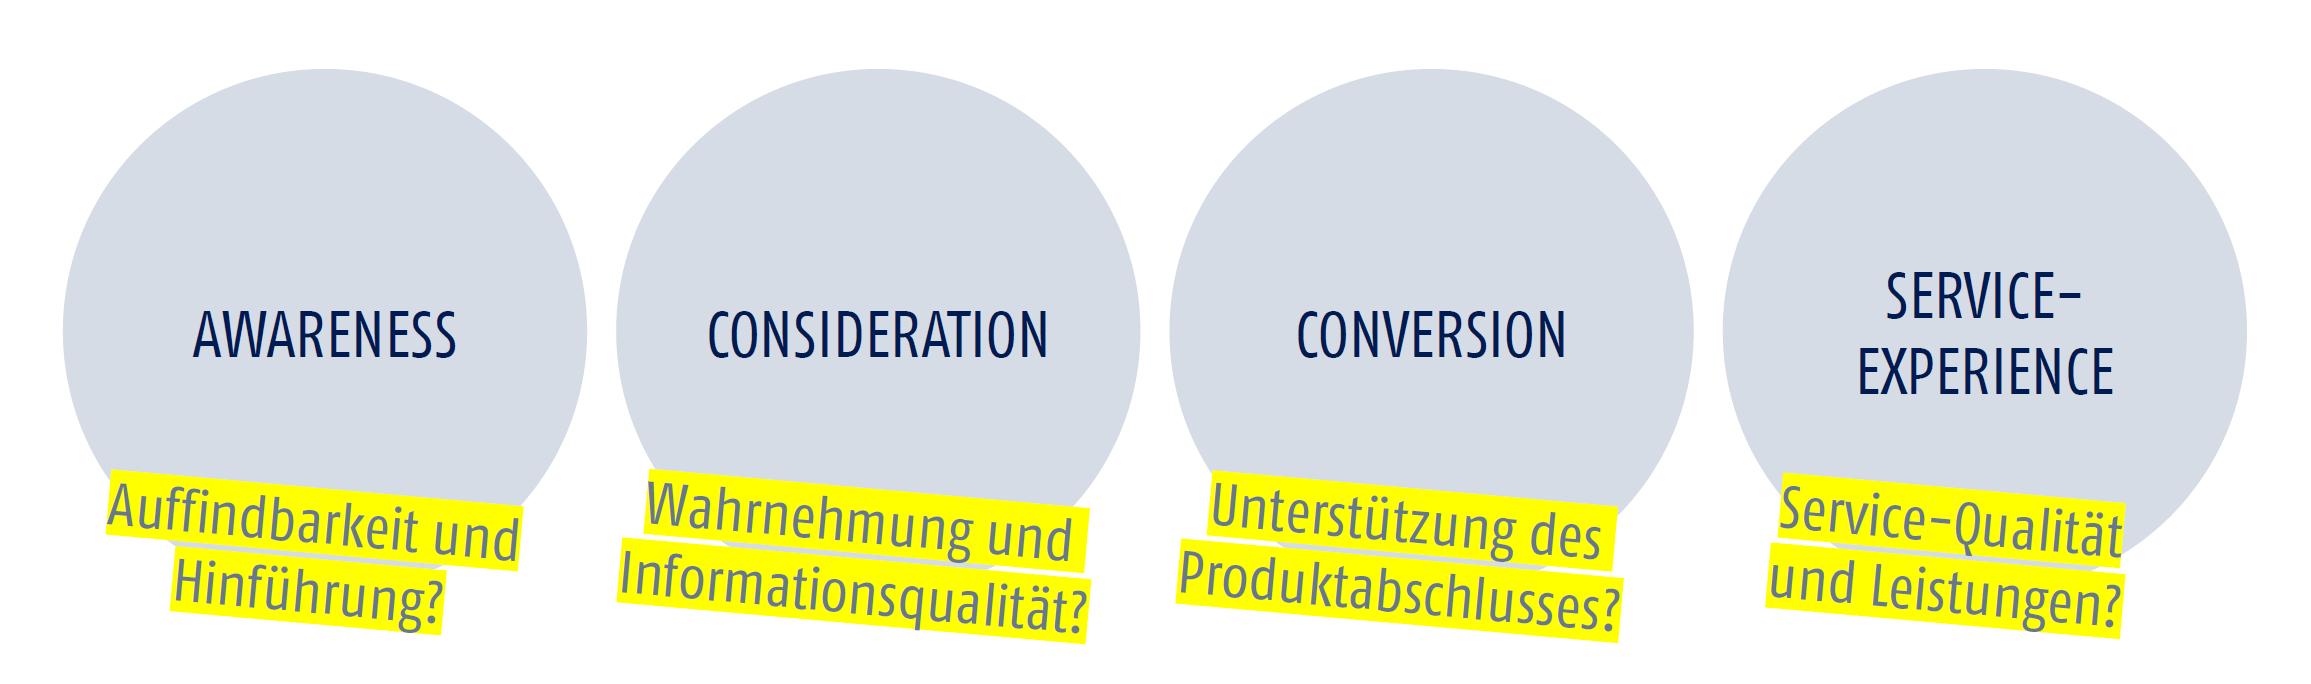 customer-journey-phasen-versicherungsstudie-mediaworx